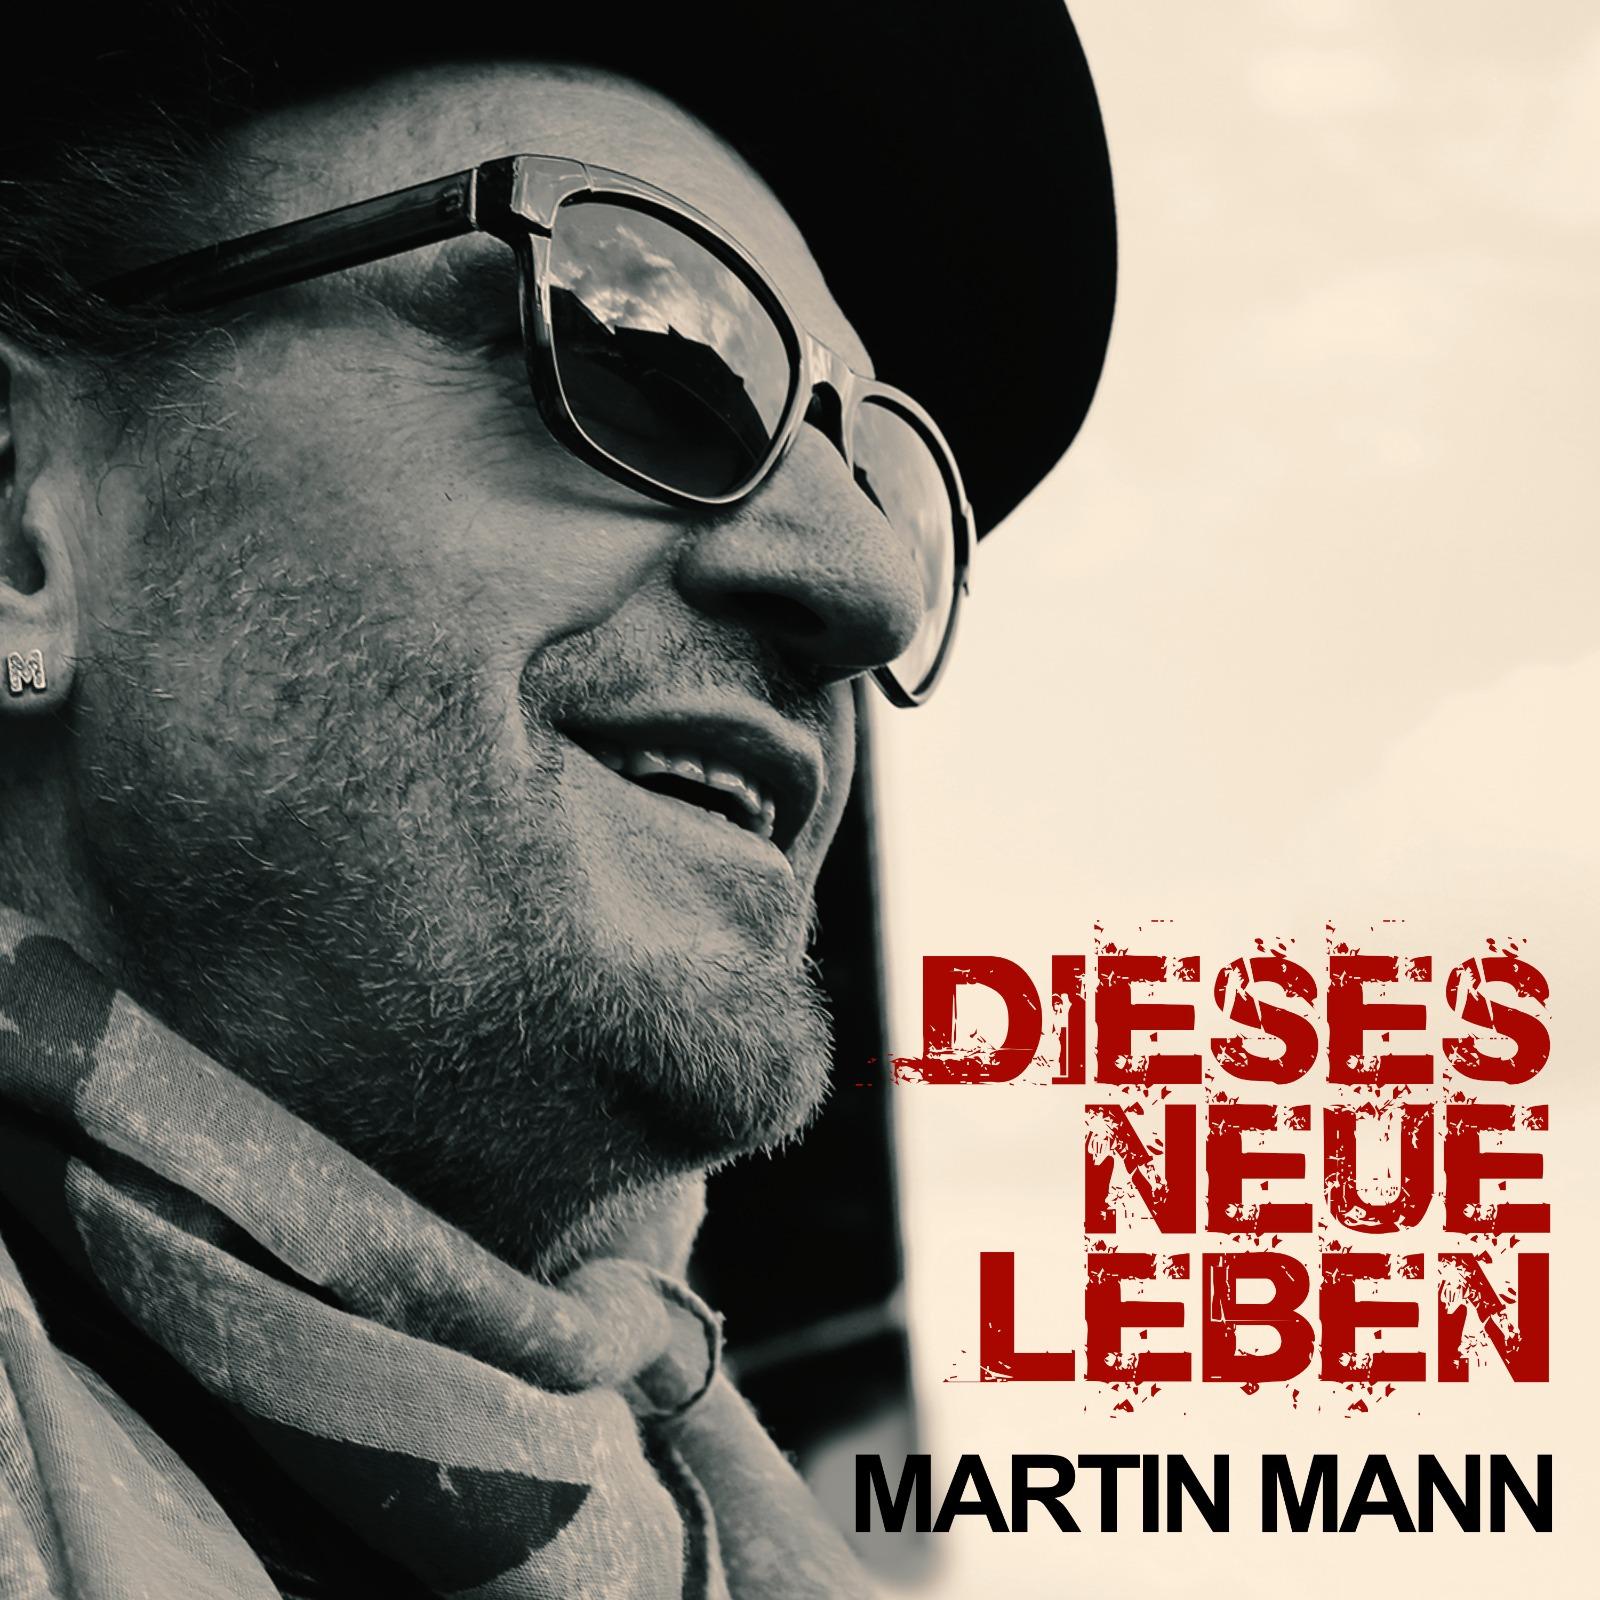 MARTIN MANN * Dieses neue Leben (Download-Track) * Der brandneue Schlager-Rock-Kracher von MARTIN MANN !!!